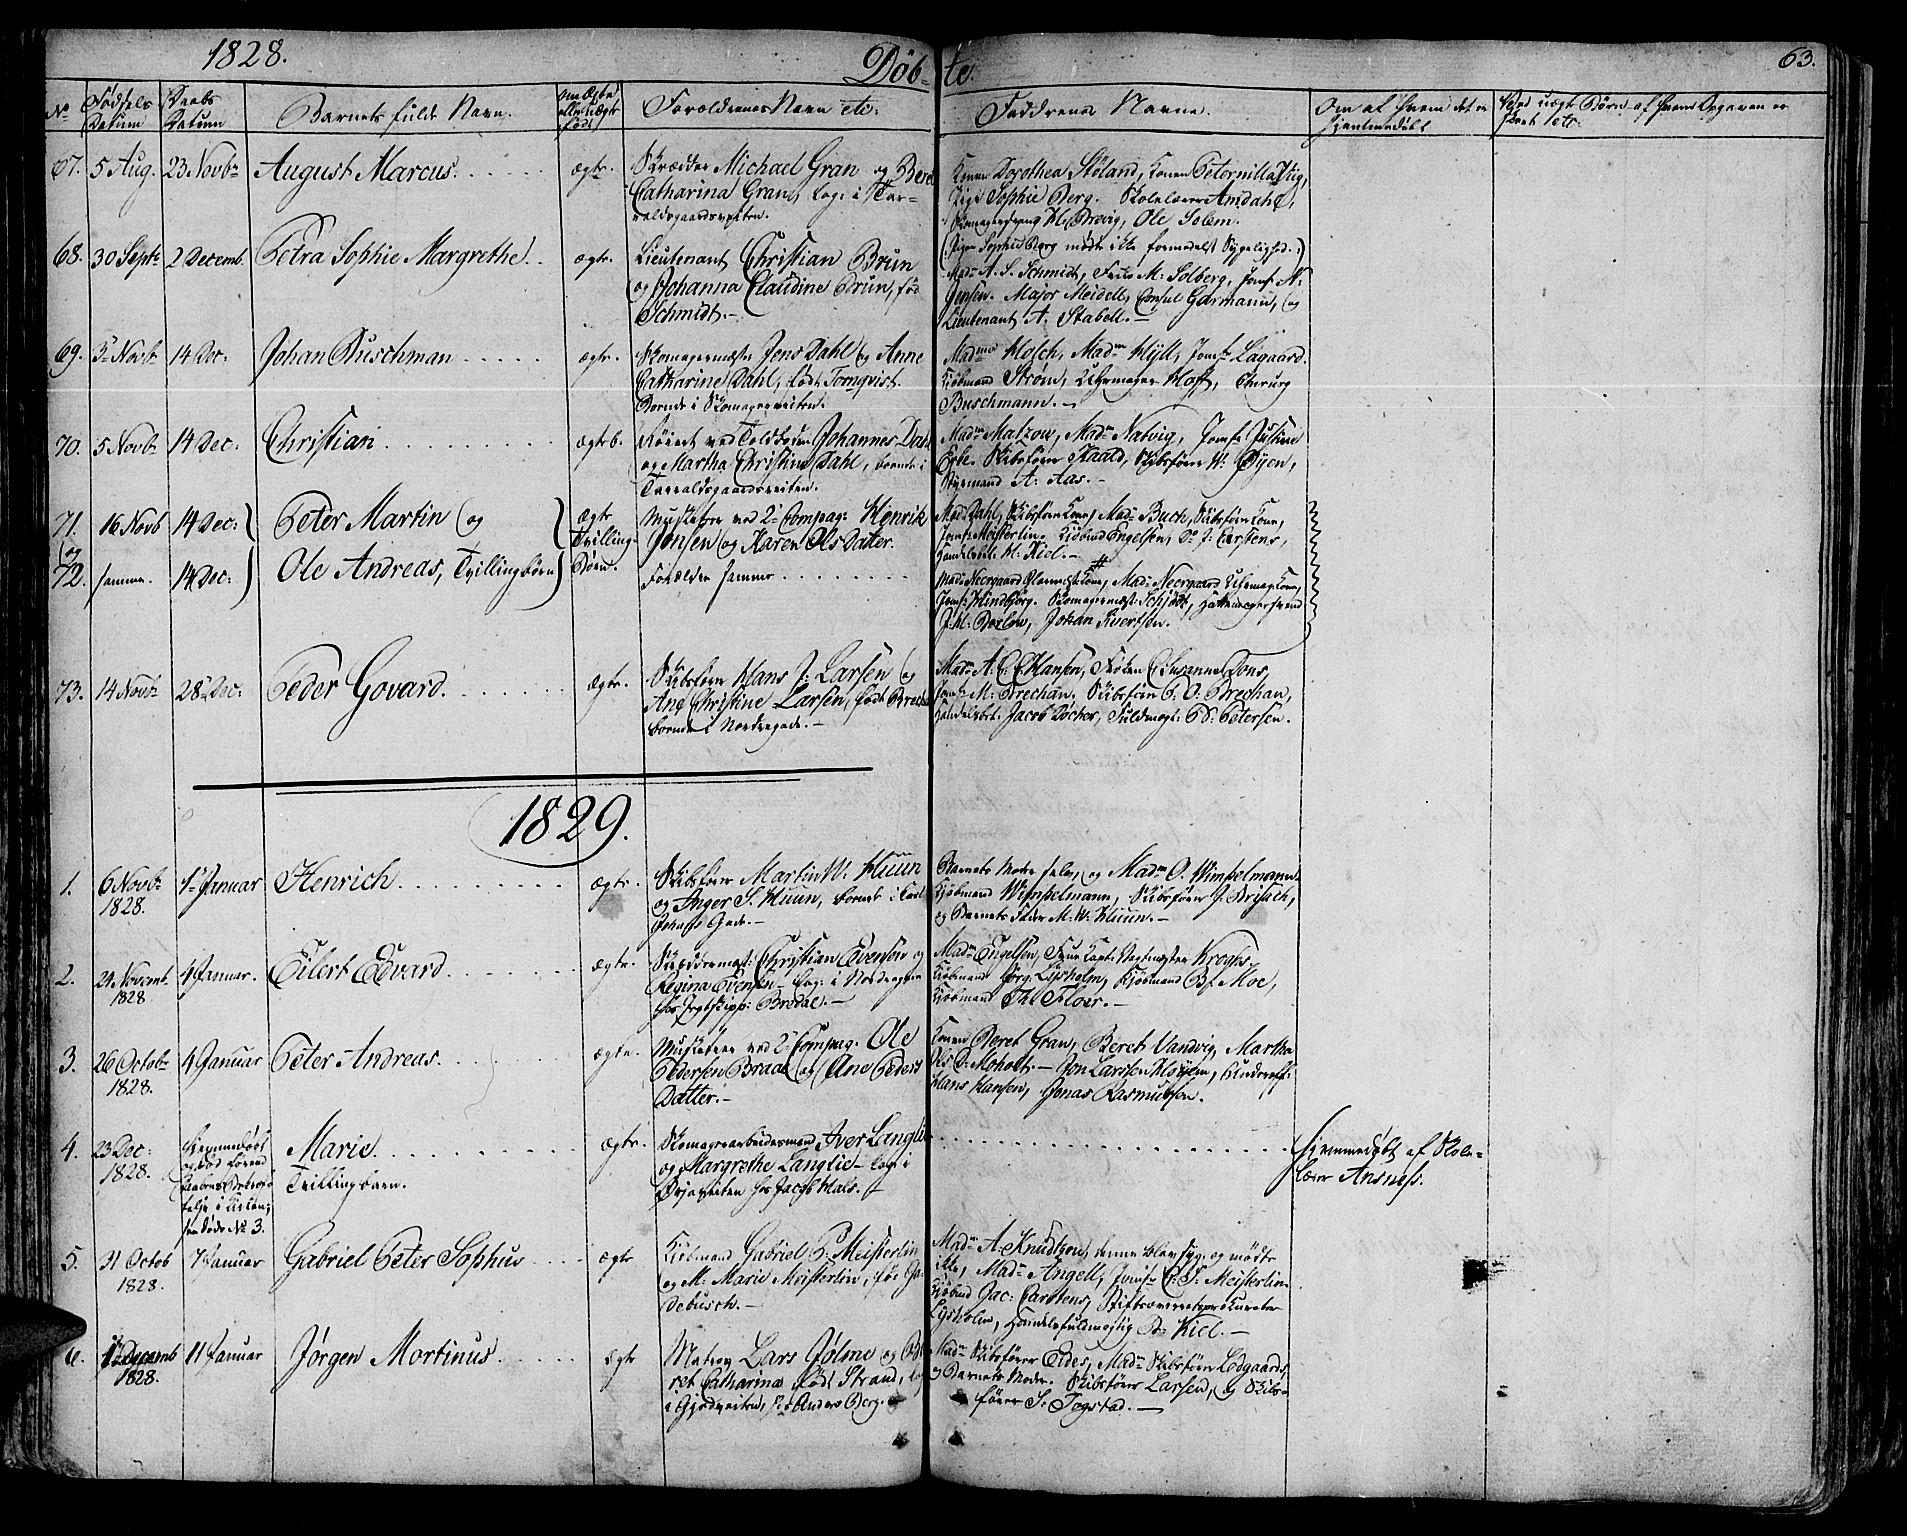 SAT, Ministerialprotokoller, klokkerbøker og fødselsregistre - Sør-Trøndelag, 602/L0108: Ministerialbok nr. 602A06, 1821-1839, s. 63